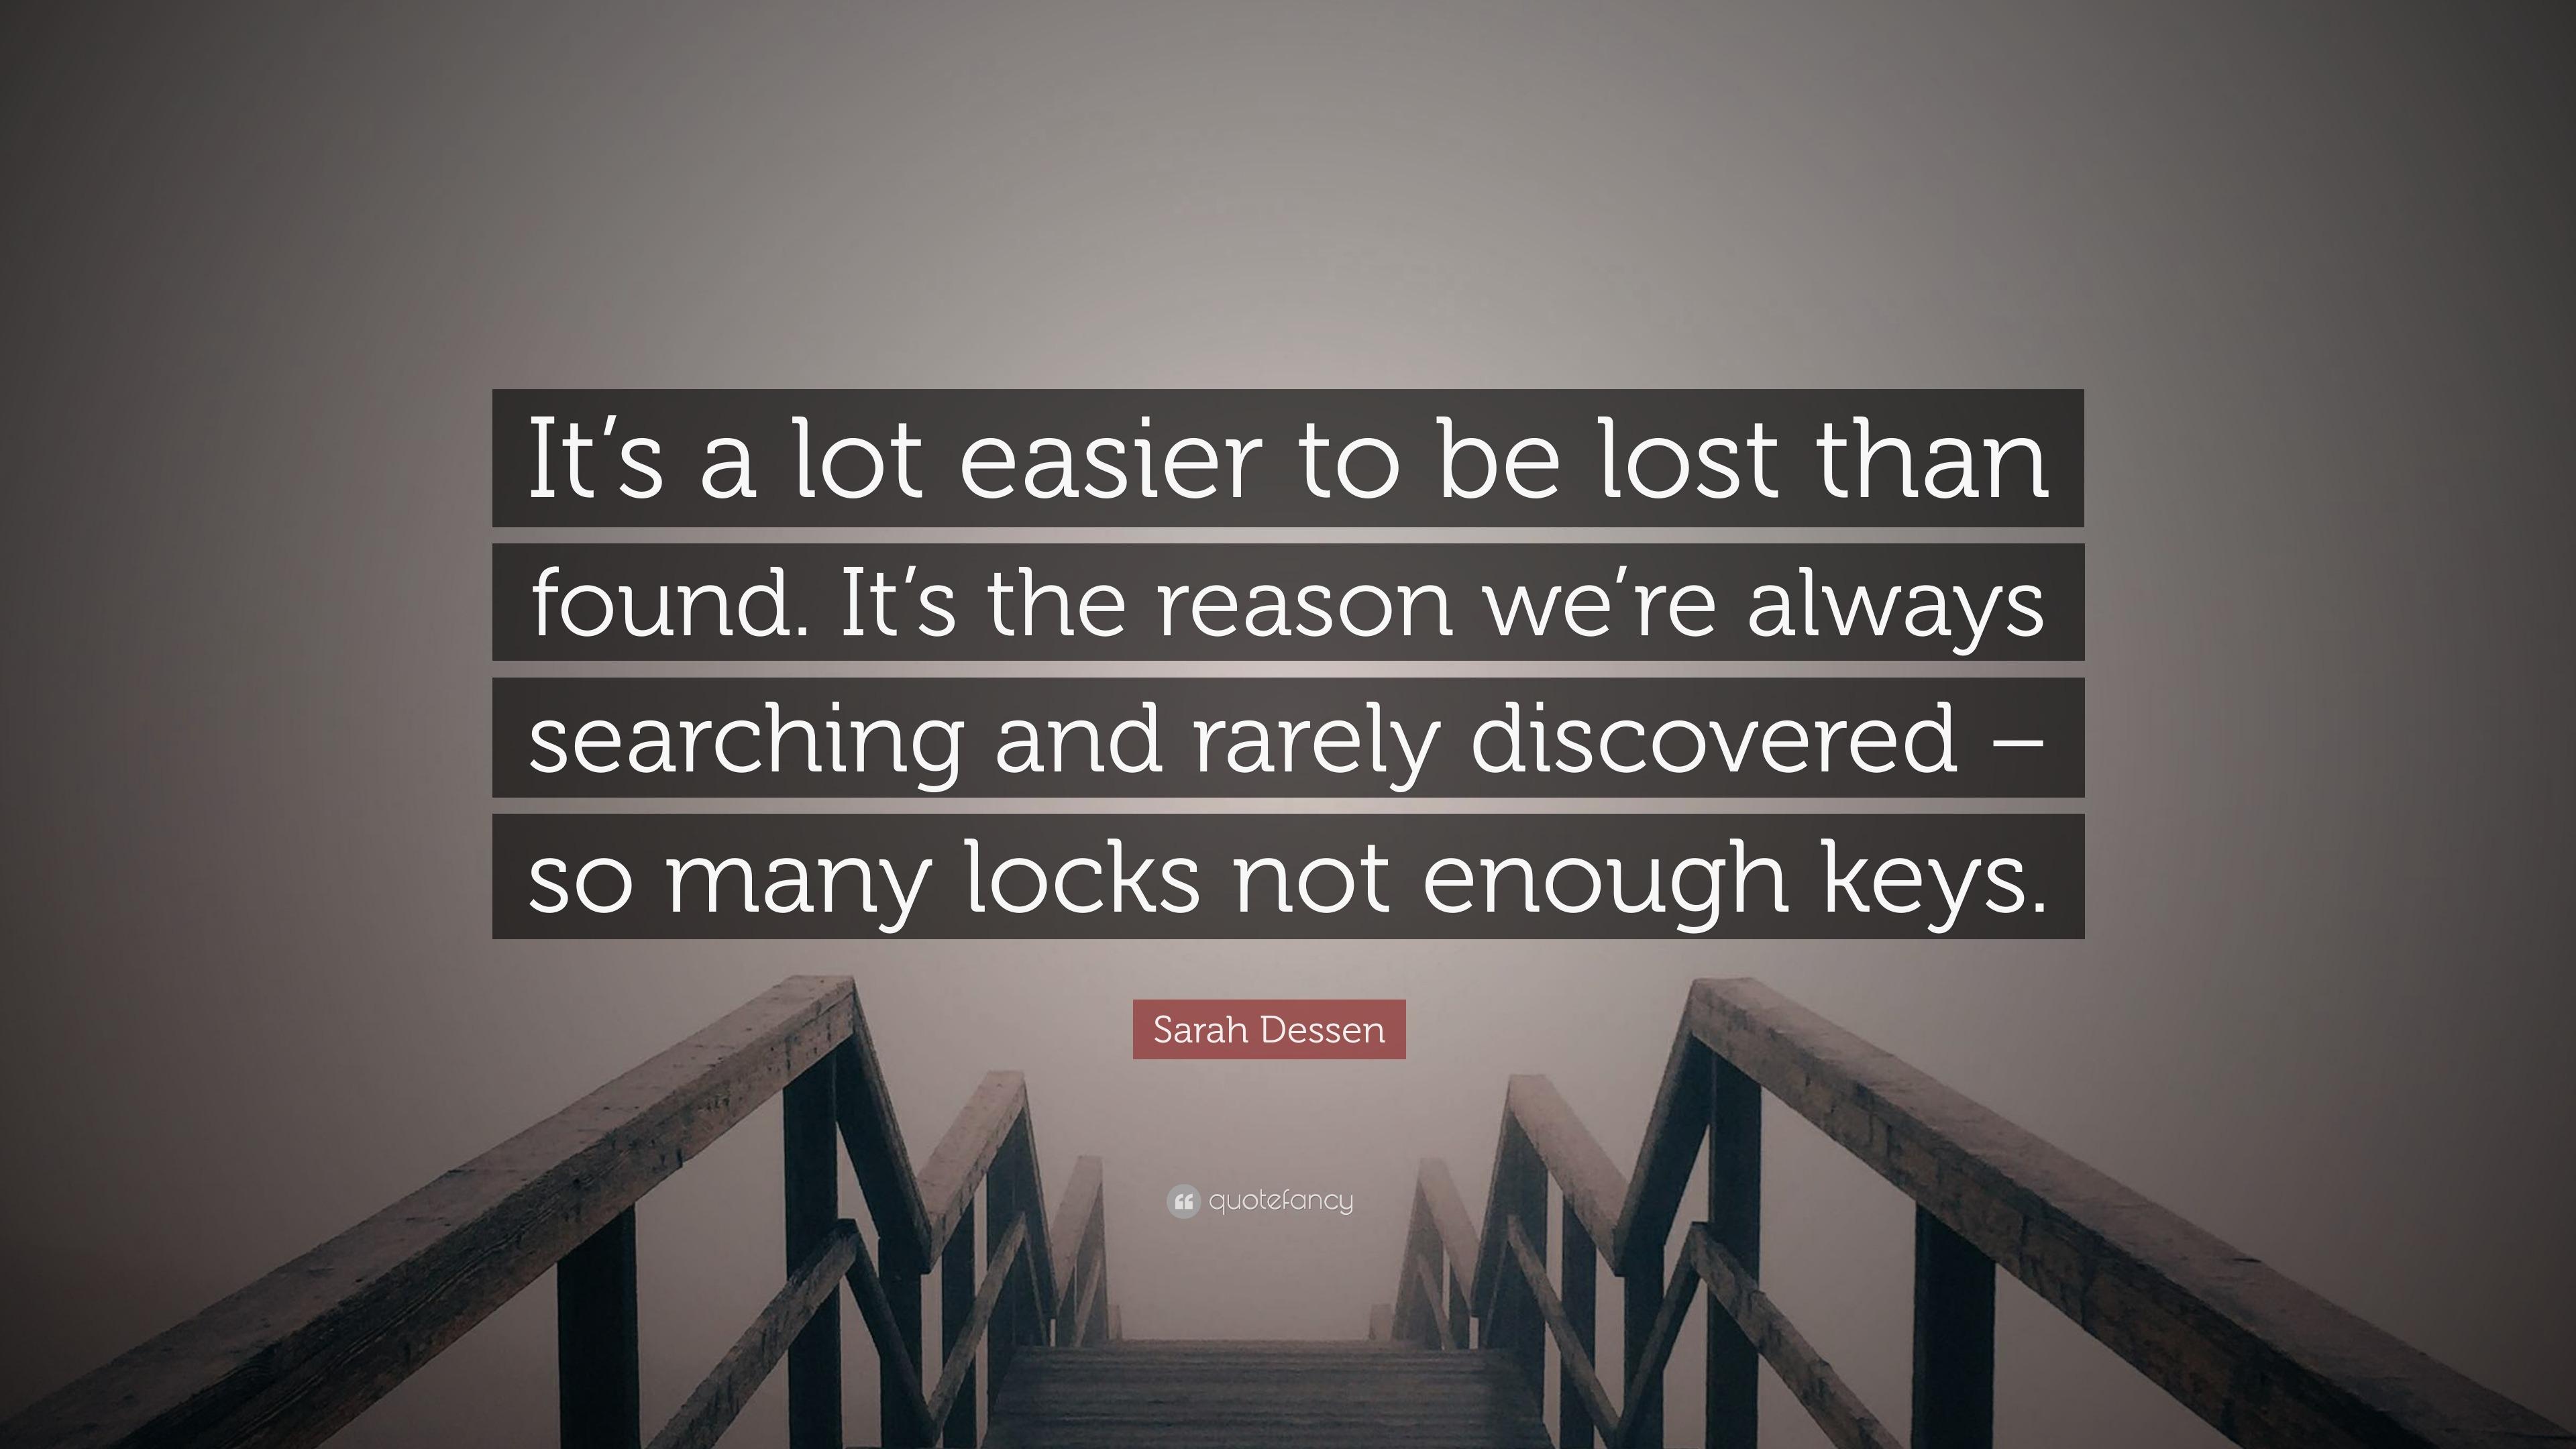 not enough keys